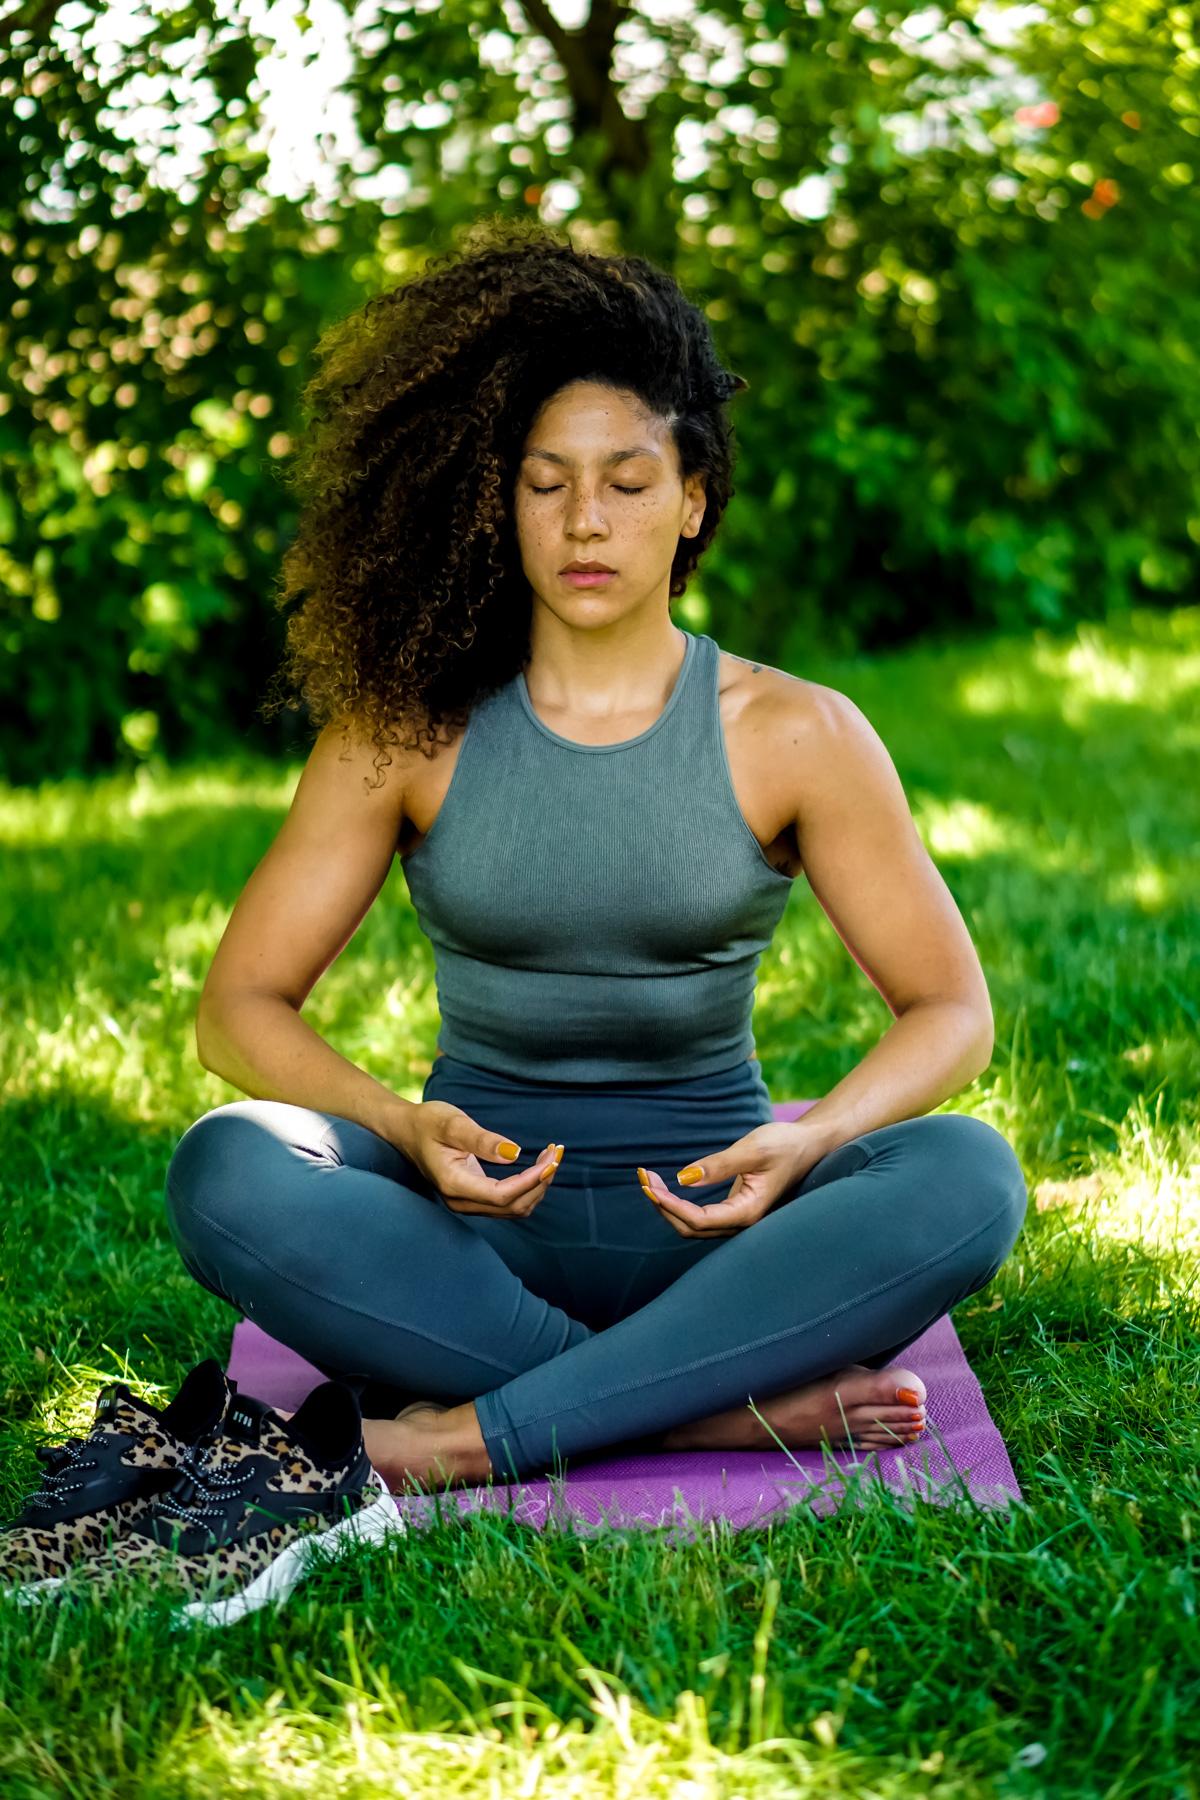 black wellness blogger, creating safe spaces for black people, black wellness, black girl fashion, black lives matter, support black influencers